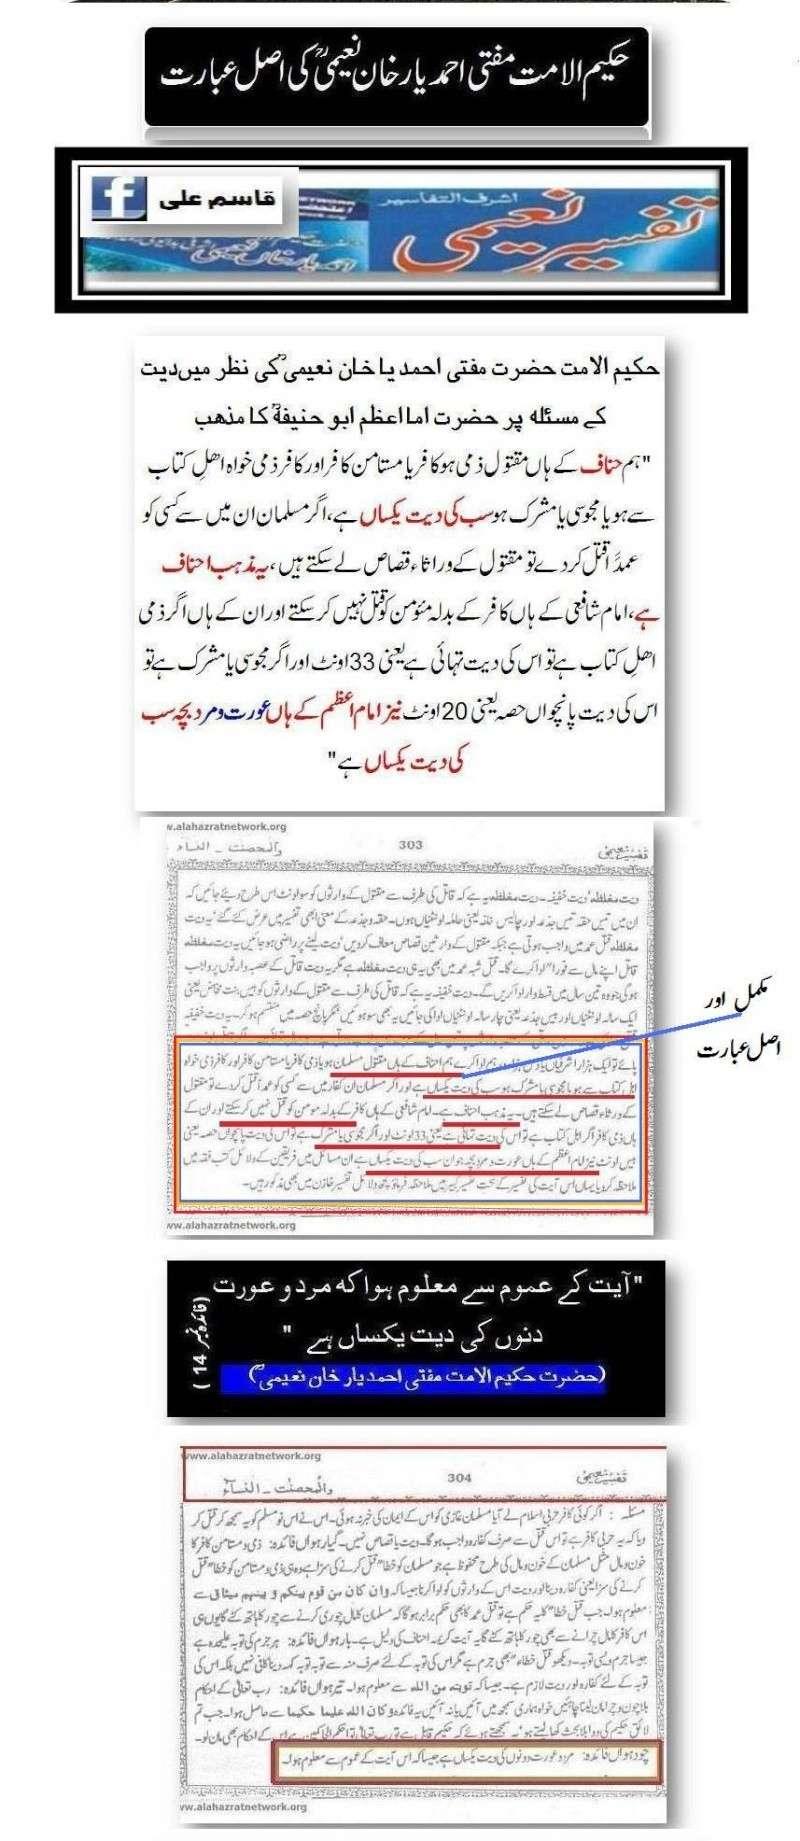 دیت کی جعلی فتوی فیکٹری پر منہاج القرآن کی فتح کا جھنڈا - Page 2 Asl_eb10